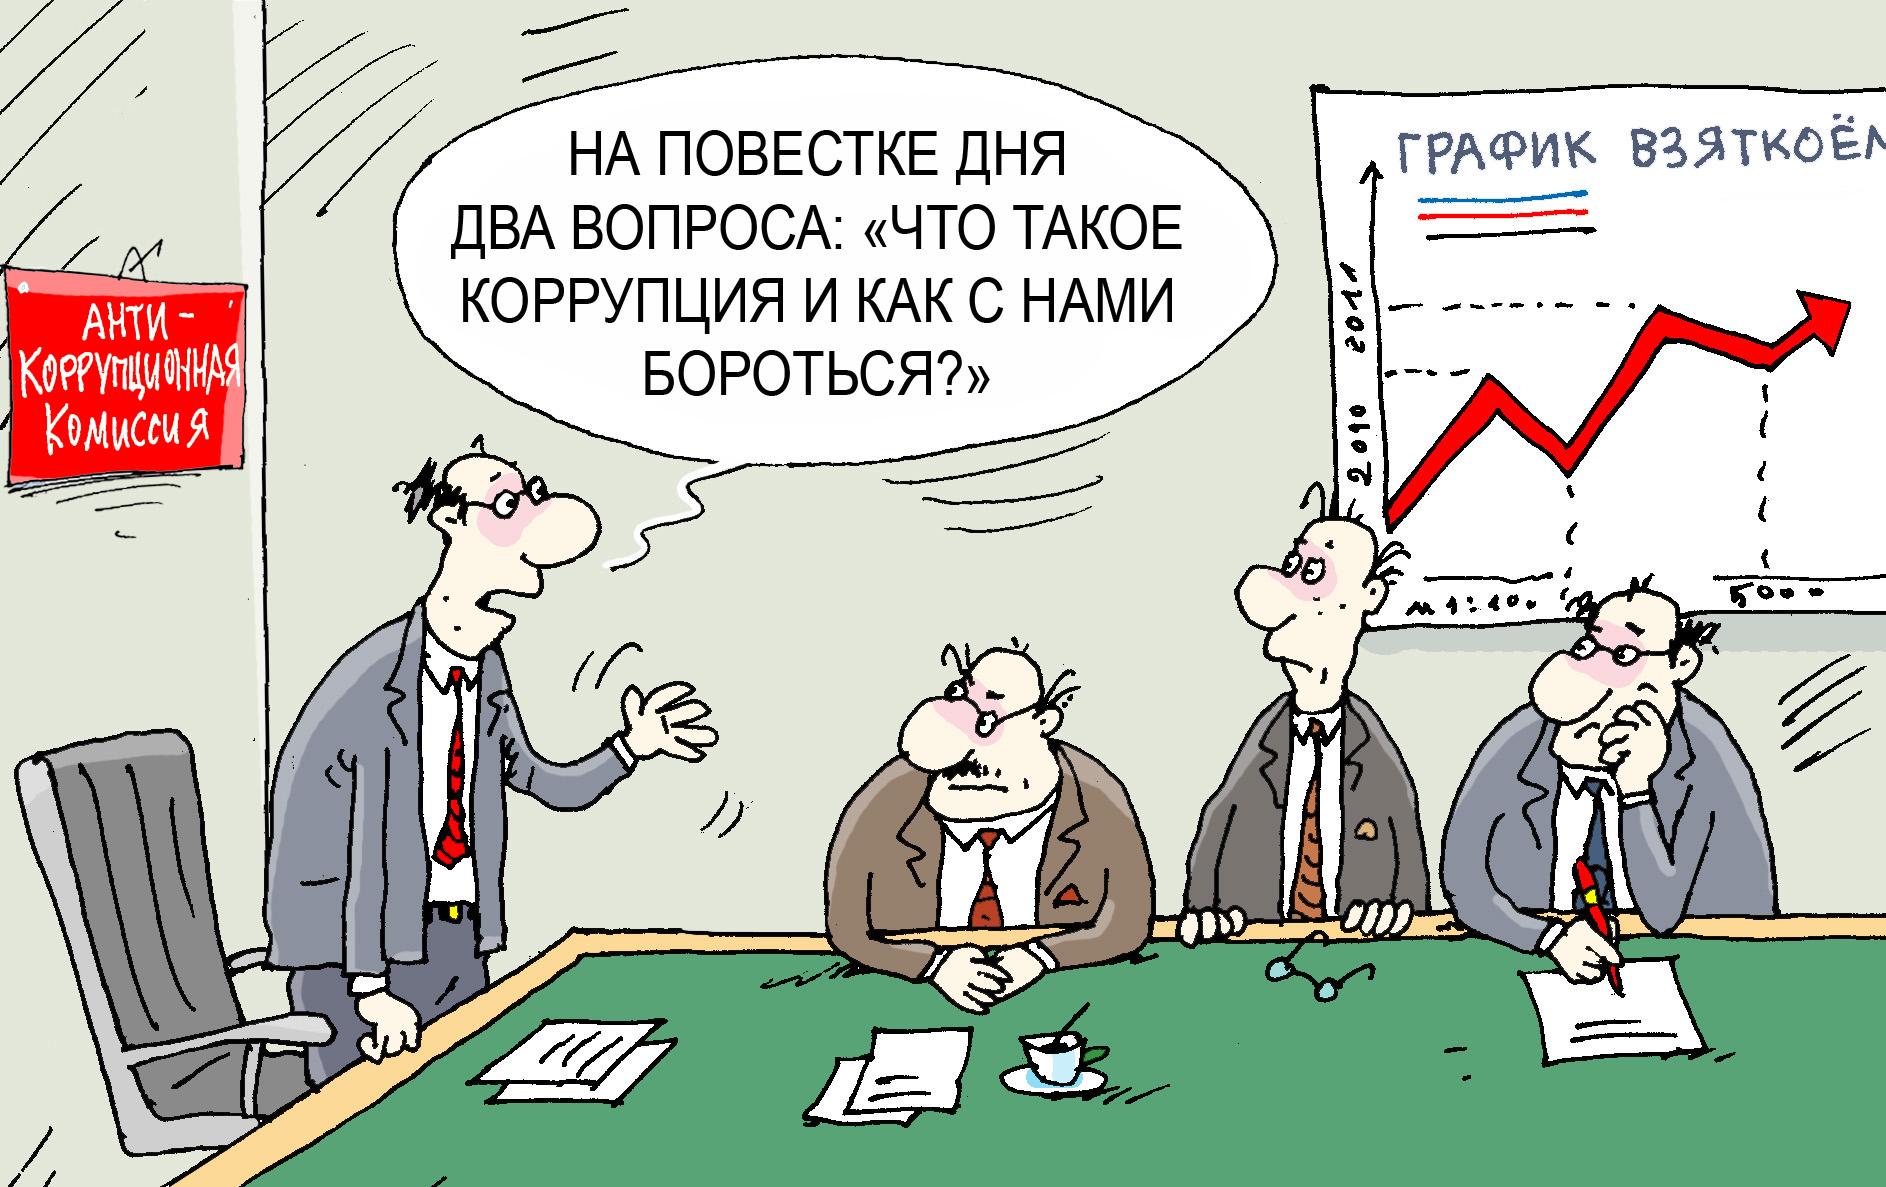 Жители Вологодской области не жалуются на коррупцию